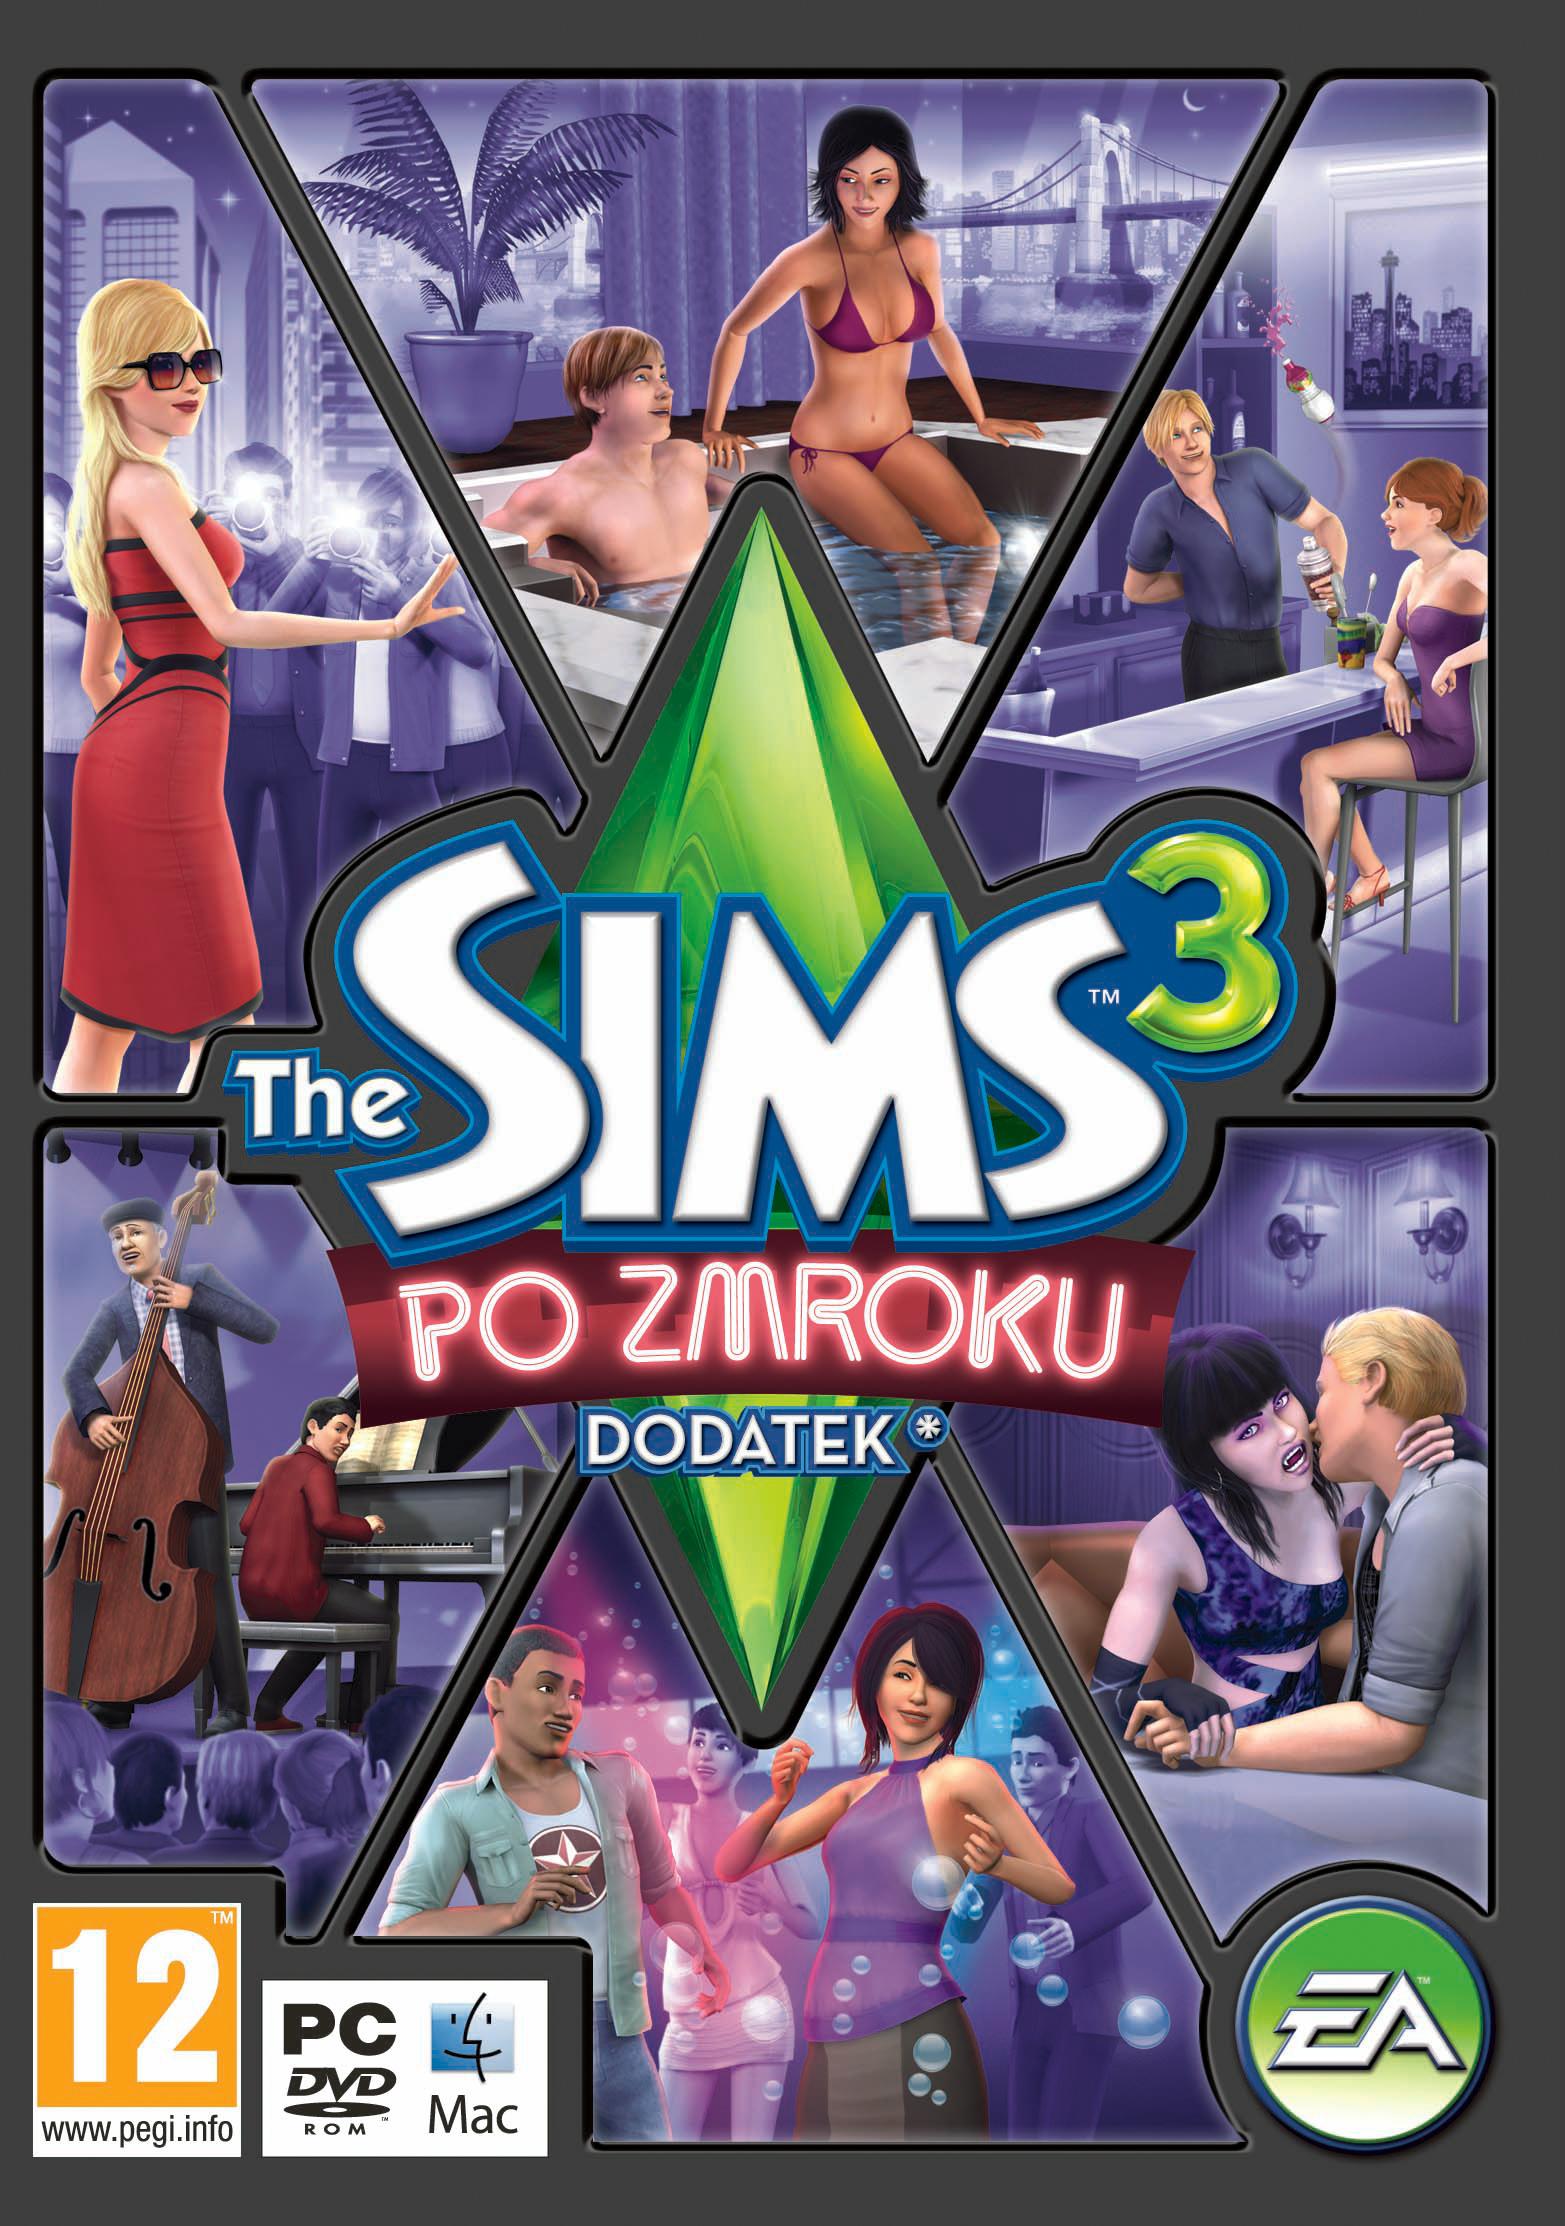 The Sims 3 Po Zmroku Simspedia Fandom Powered By Wikia